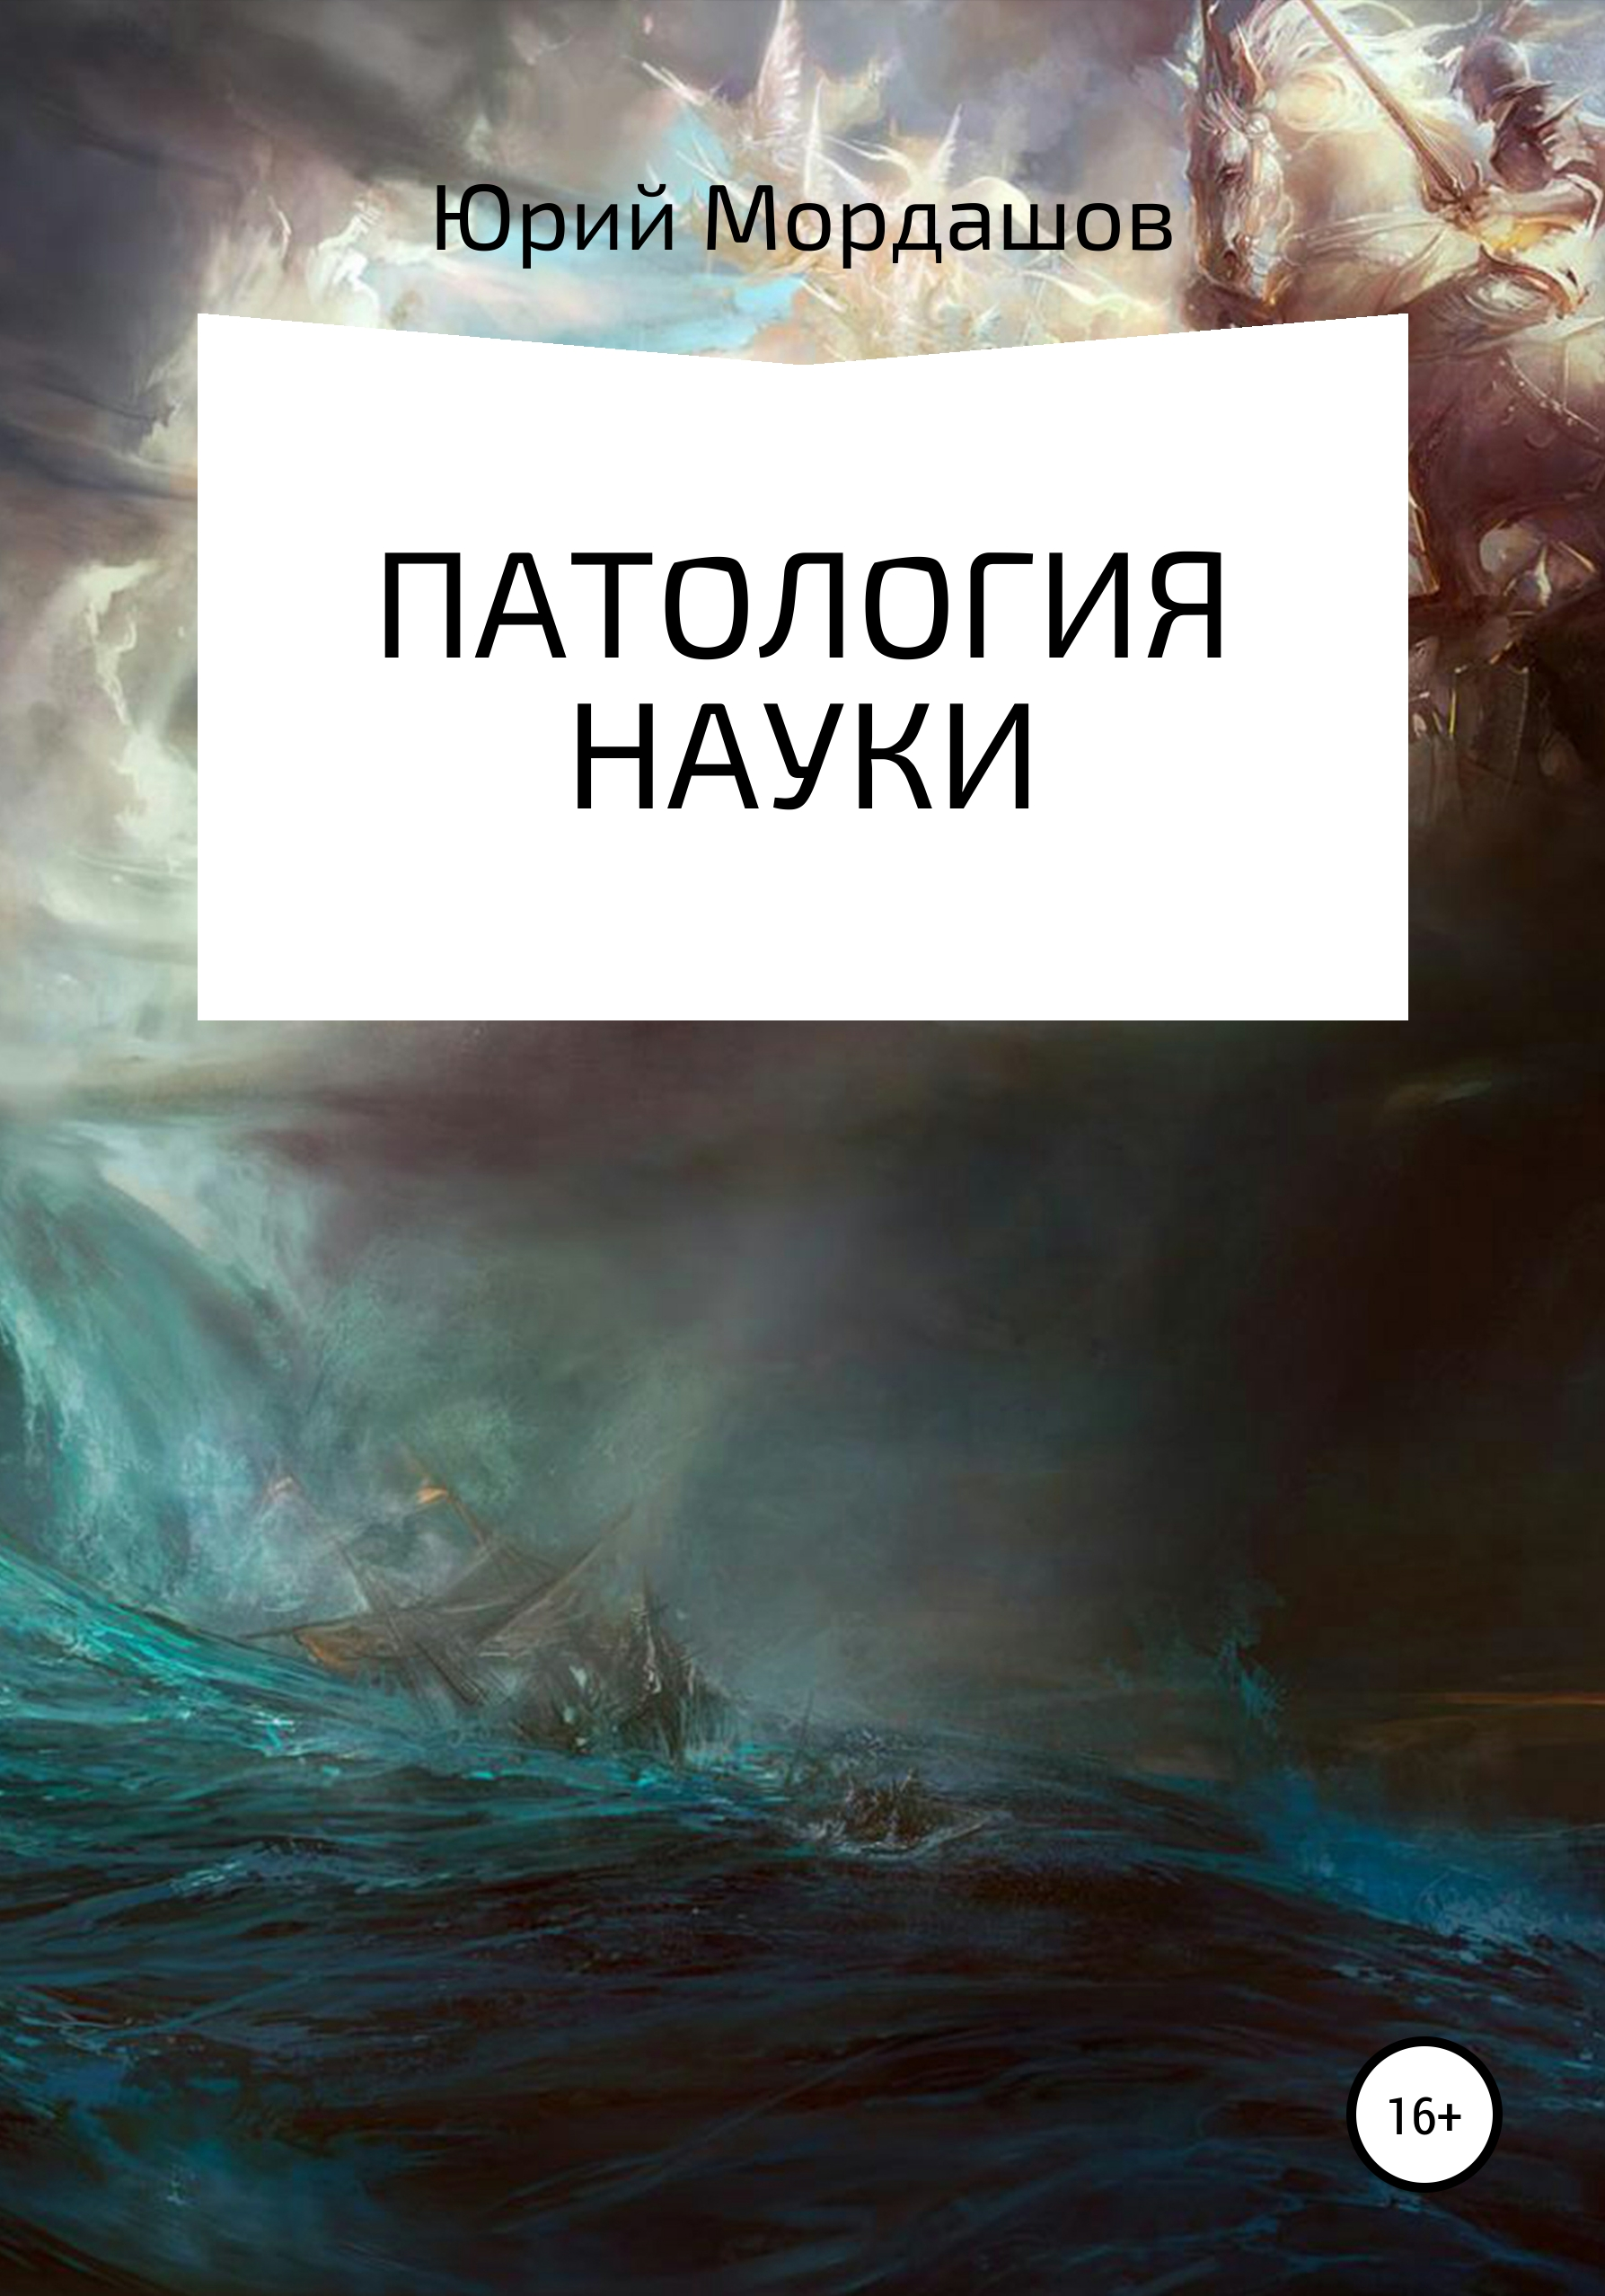 Юрий Мордашов Патология Науки марк бойков конспект истории и патология общества